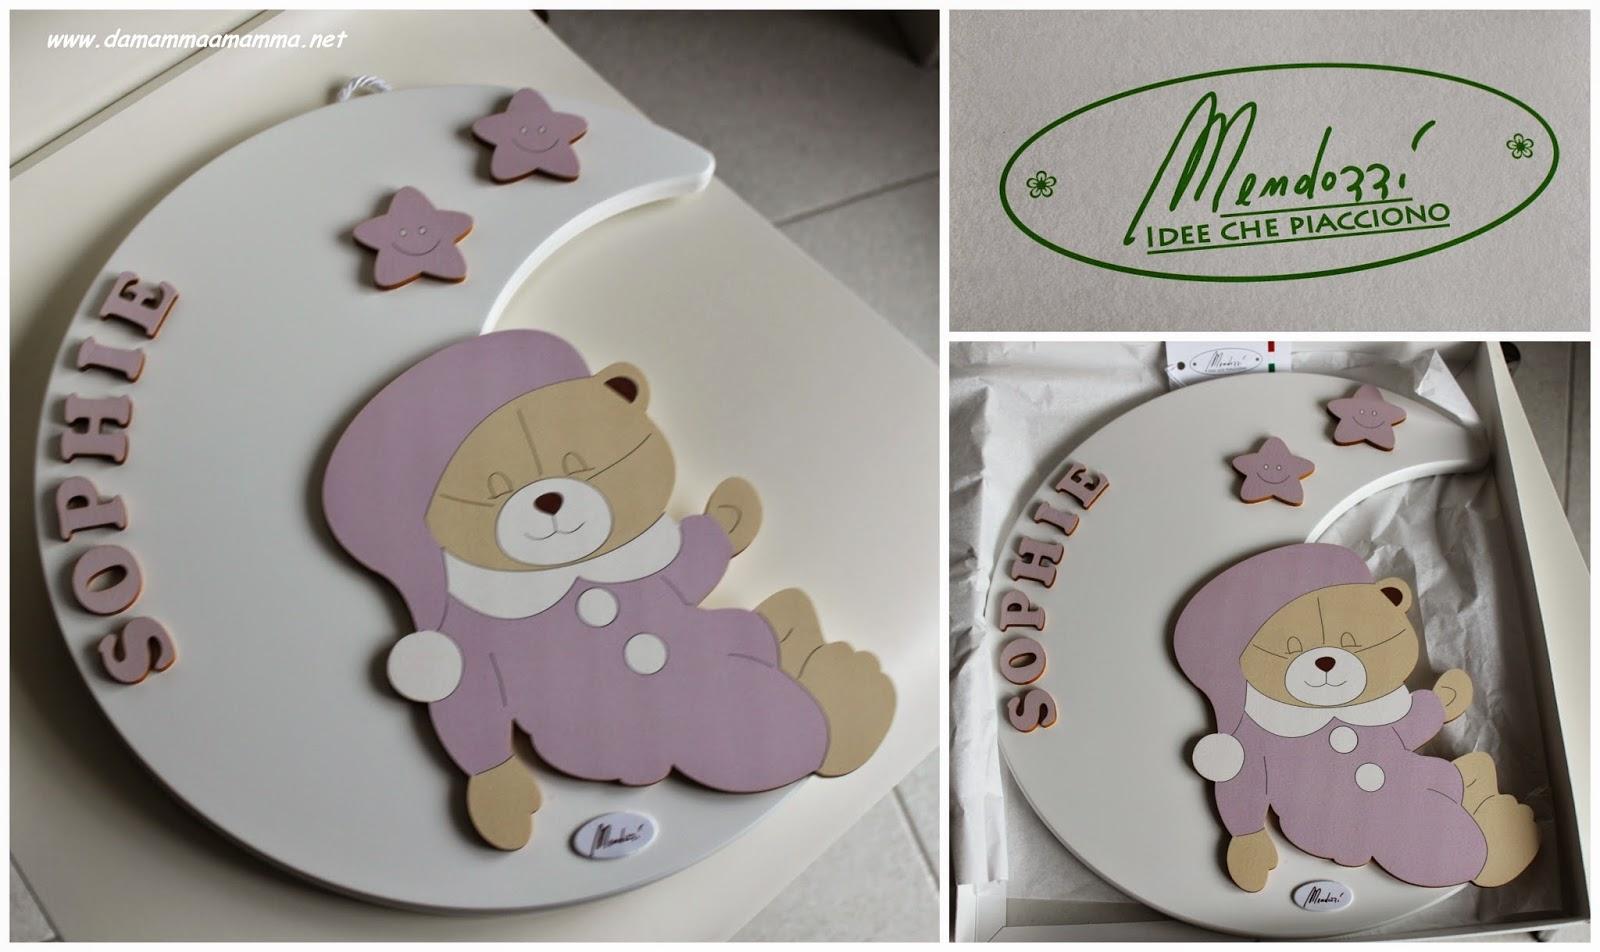 Idee per decorare la cameretta dei bambini con mendozzi for Idee per arredare cameretta bimba